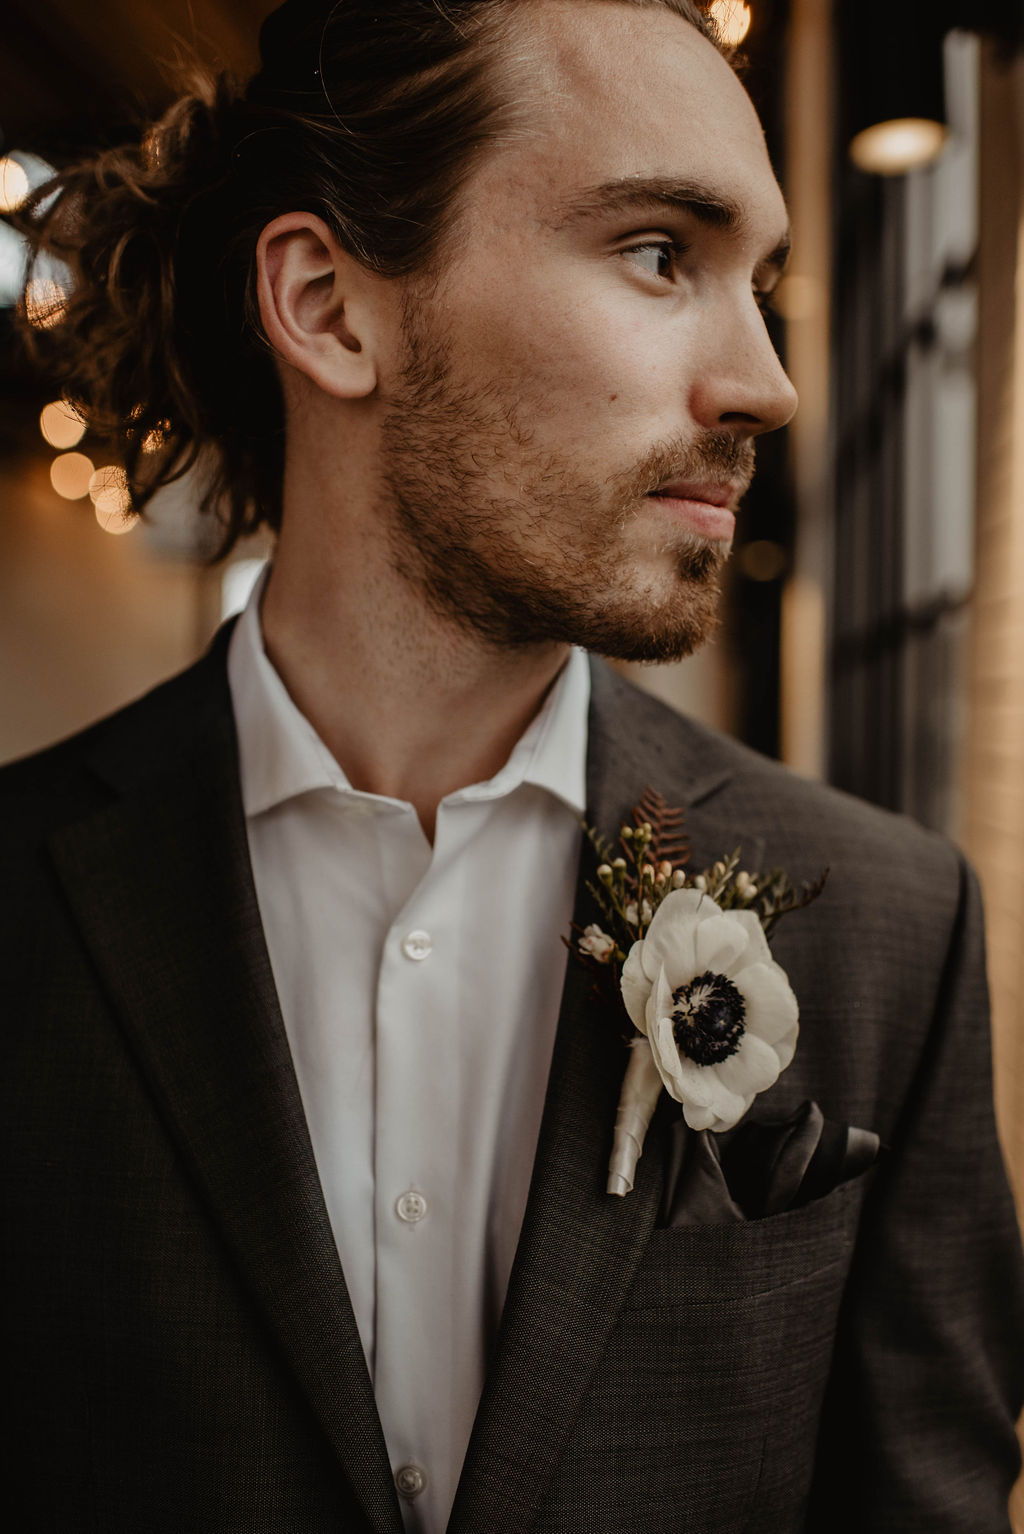 White wedding boutonniere | Nashville Bride Guide